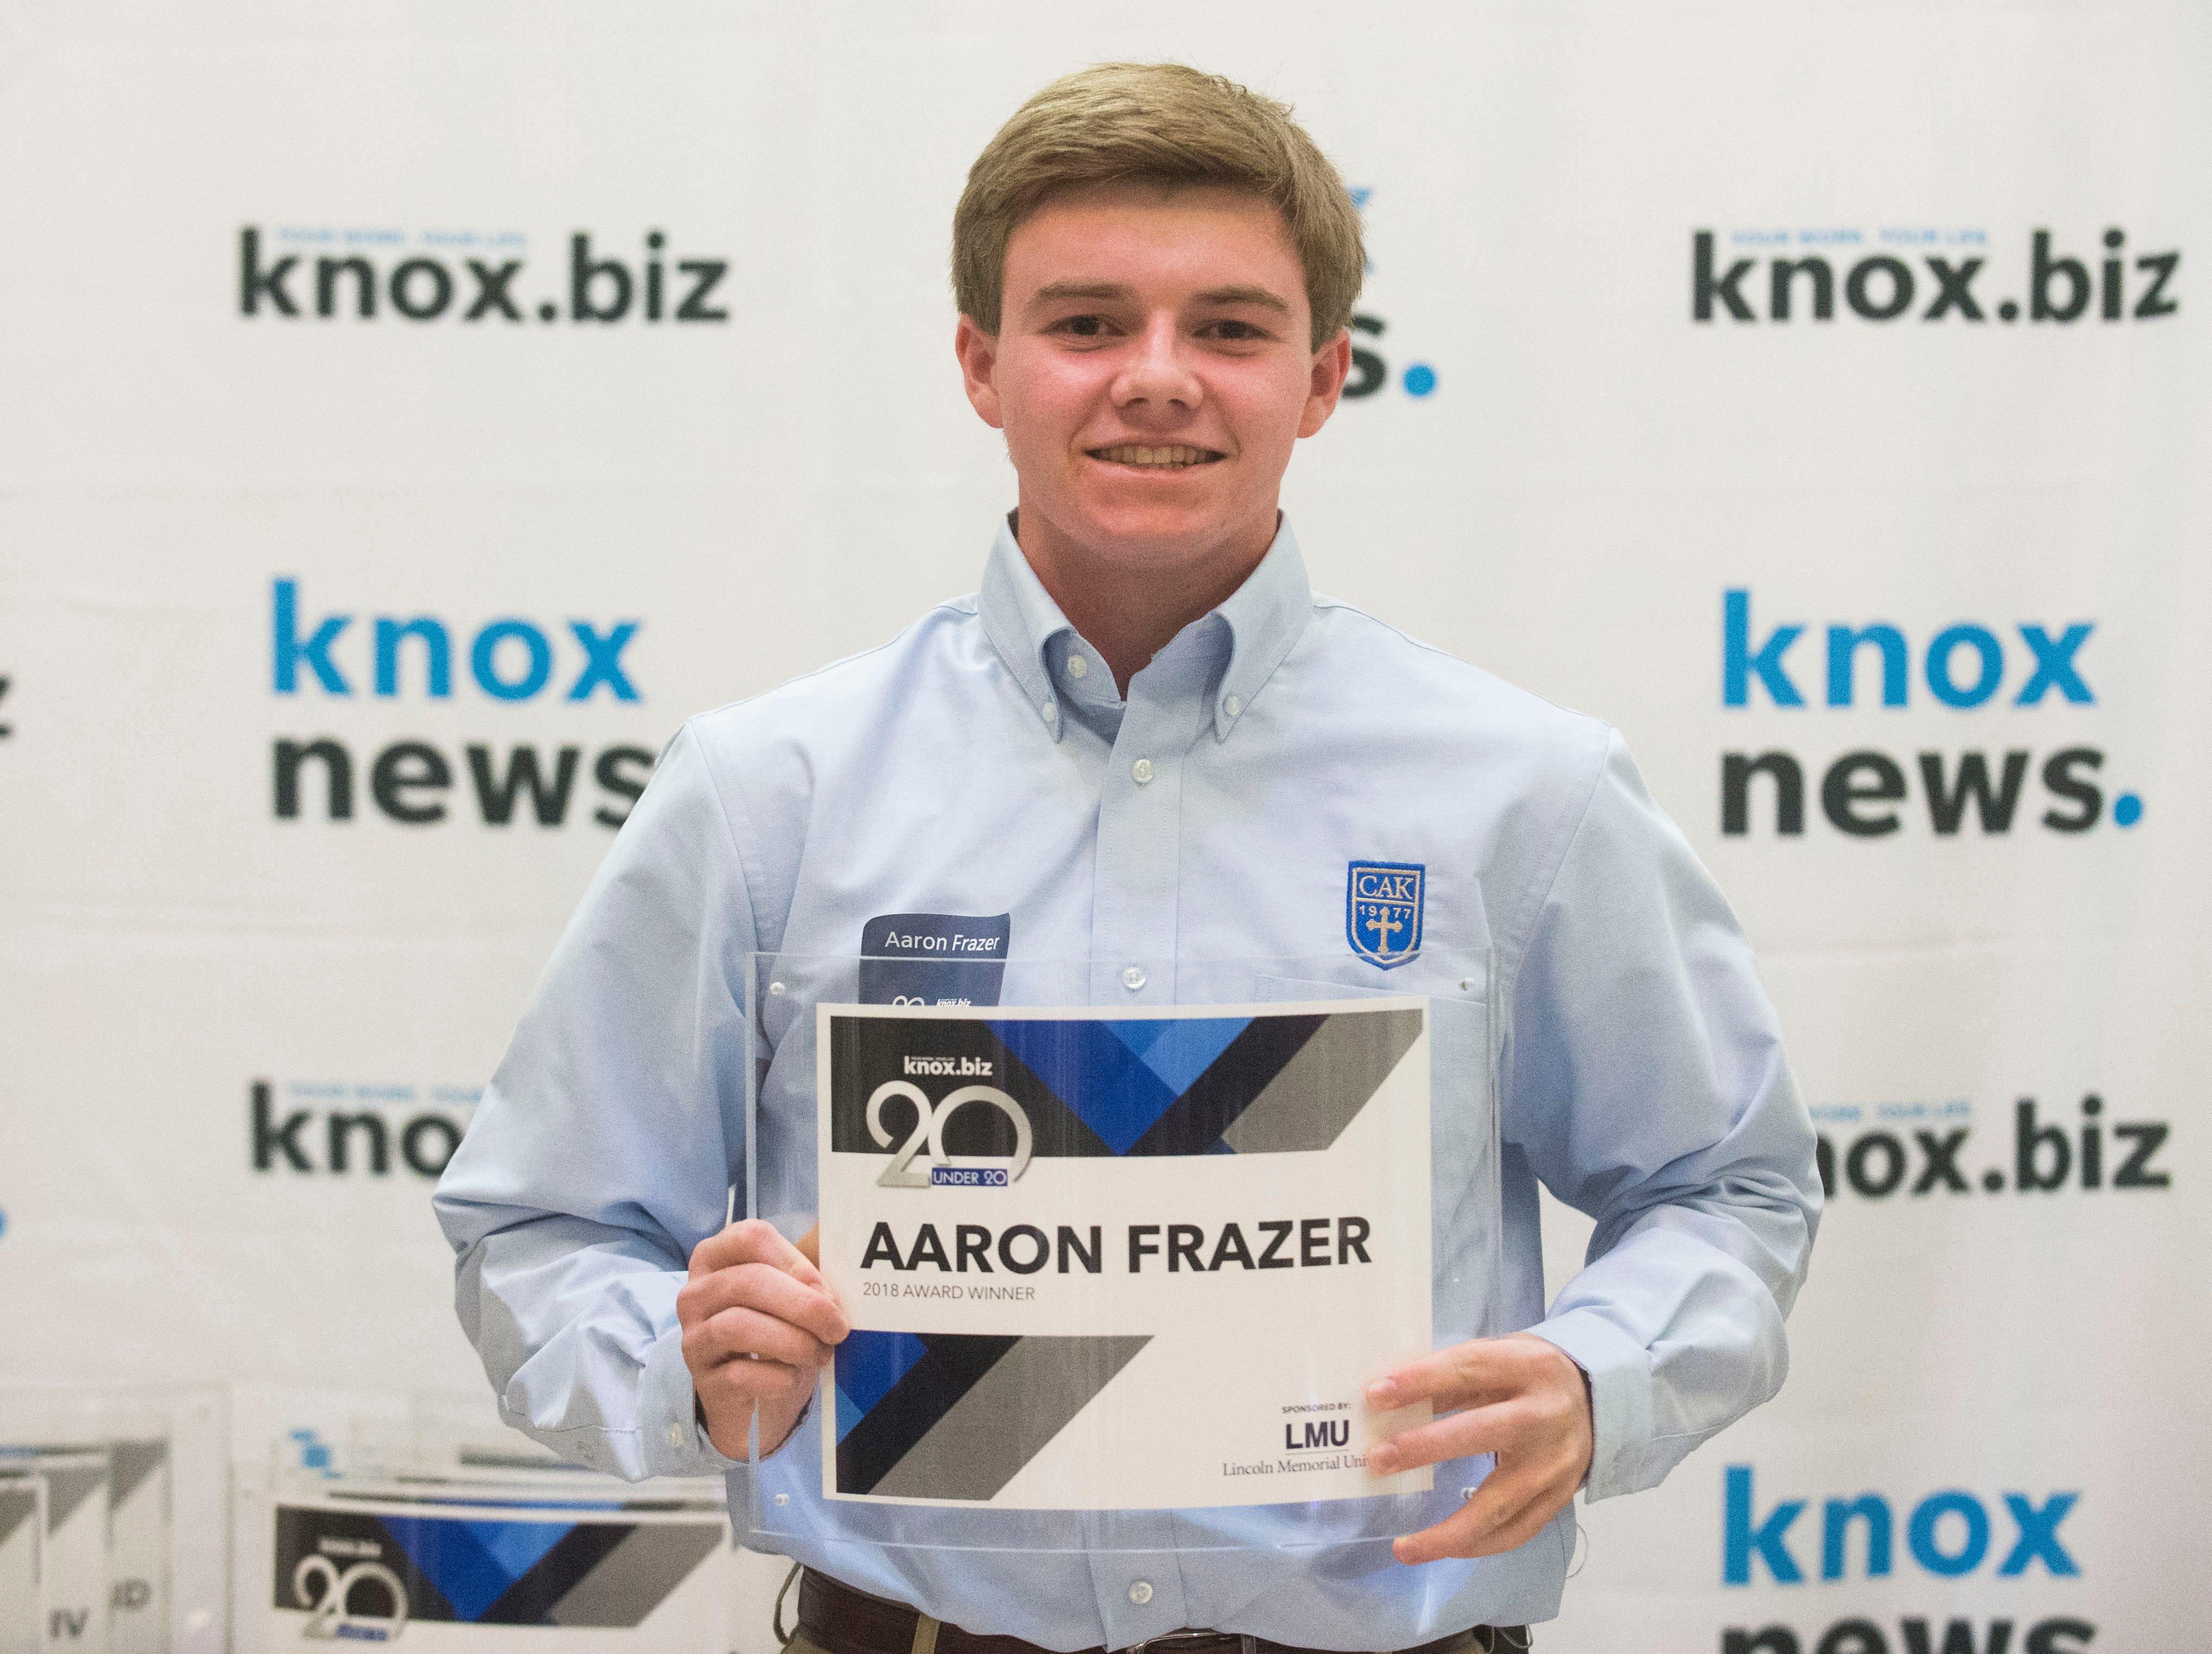 Aaron Frazer, 20 under 20 award recipient.